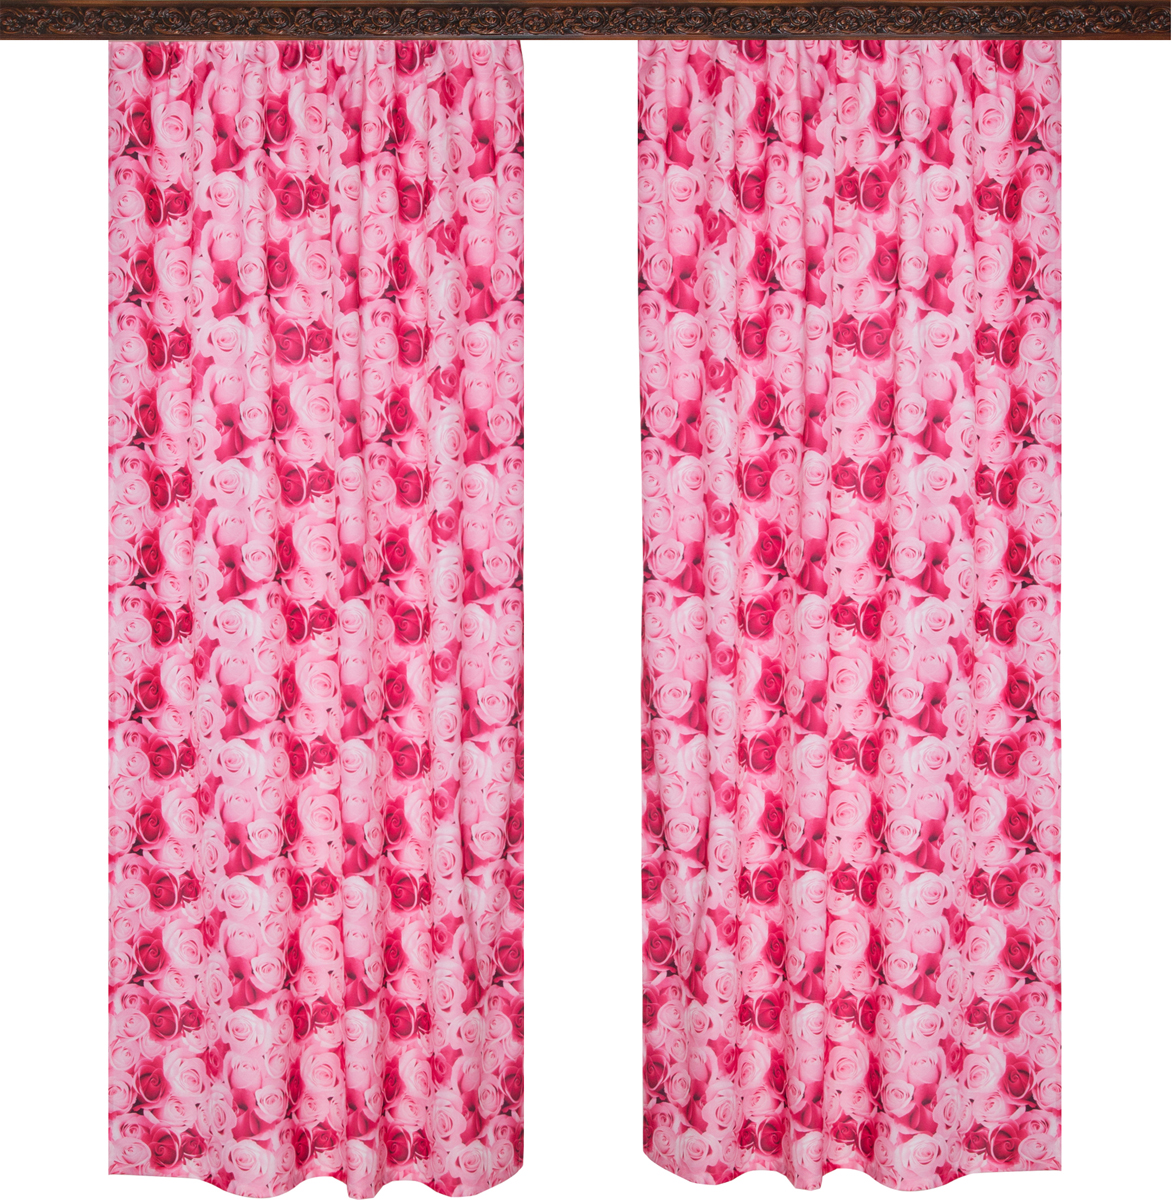 Комплект штор Zlata Korunka, на ленте, цвет: малиновый, высота 250 см, 2 шт. 777110777110Роскошный комплект штор Zlata Korunka комплект состоит из двух штор, выполненных из 100% полиэстера, которые великолепно украсит любоеокно. Плотная ткань, оригинальный орнамент и приятная, приглушенная гамма привлекут к себе внимание и органично впишутся в интерьерпомещения.Комплект крепится на карниз при помощи шторной ленты, которая поможеткрасиво и равномерно задрапировать верх. Этот комплект будет долгое время радовать вас и вашу семью!